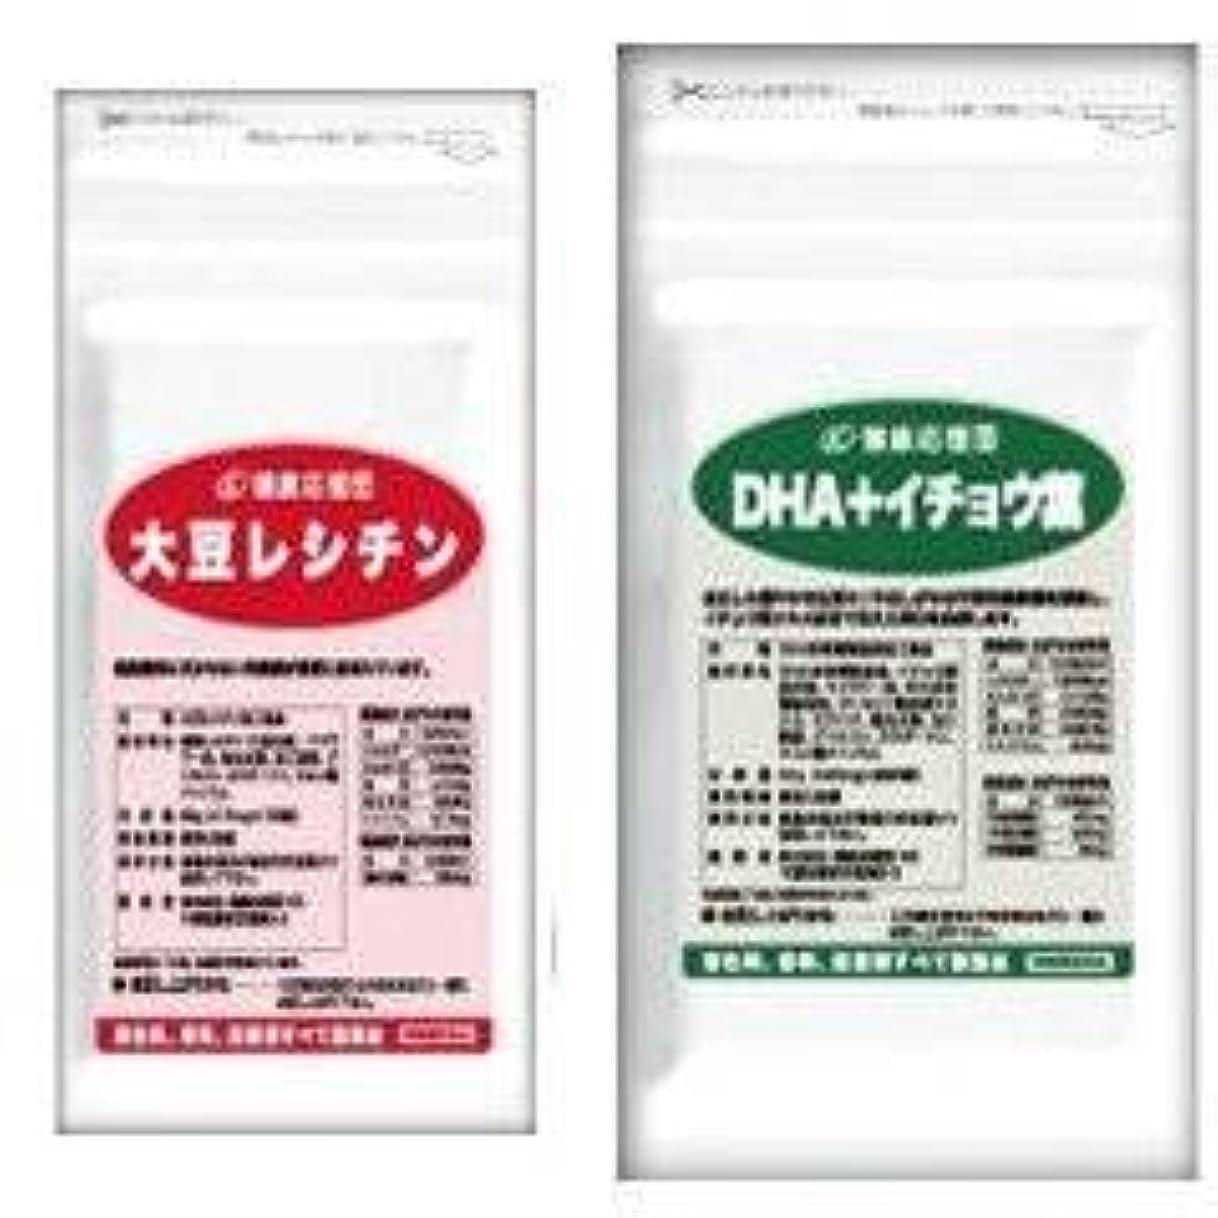 笑返済タンパク質(お徳用6か月分)流れサラサラセット 大豆レシチン+(DHA?EPA+イチョウ葉)6袋&6袋セット